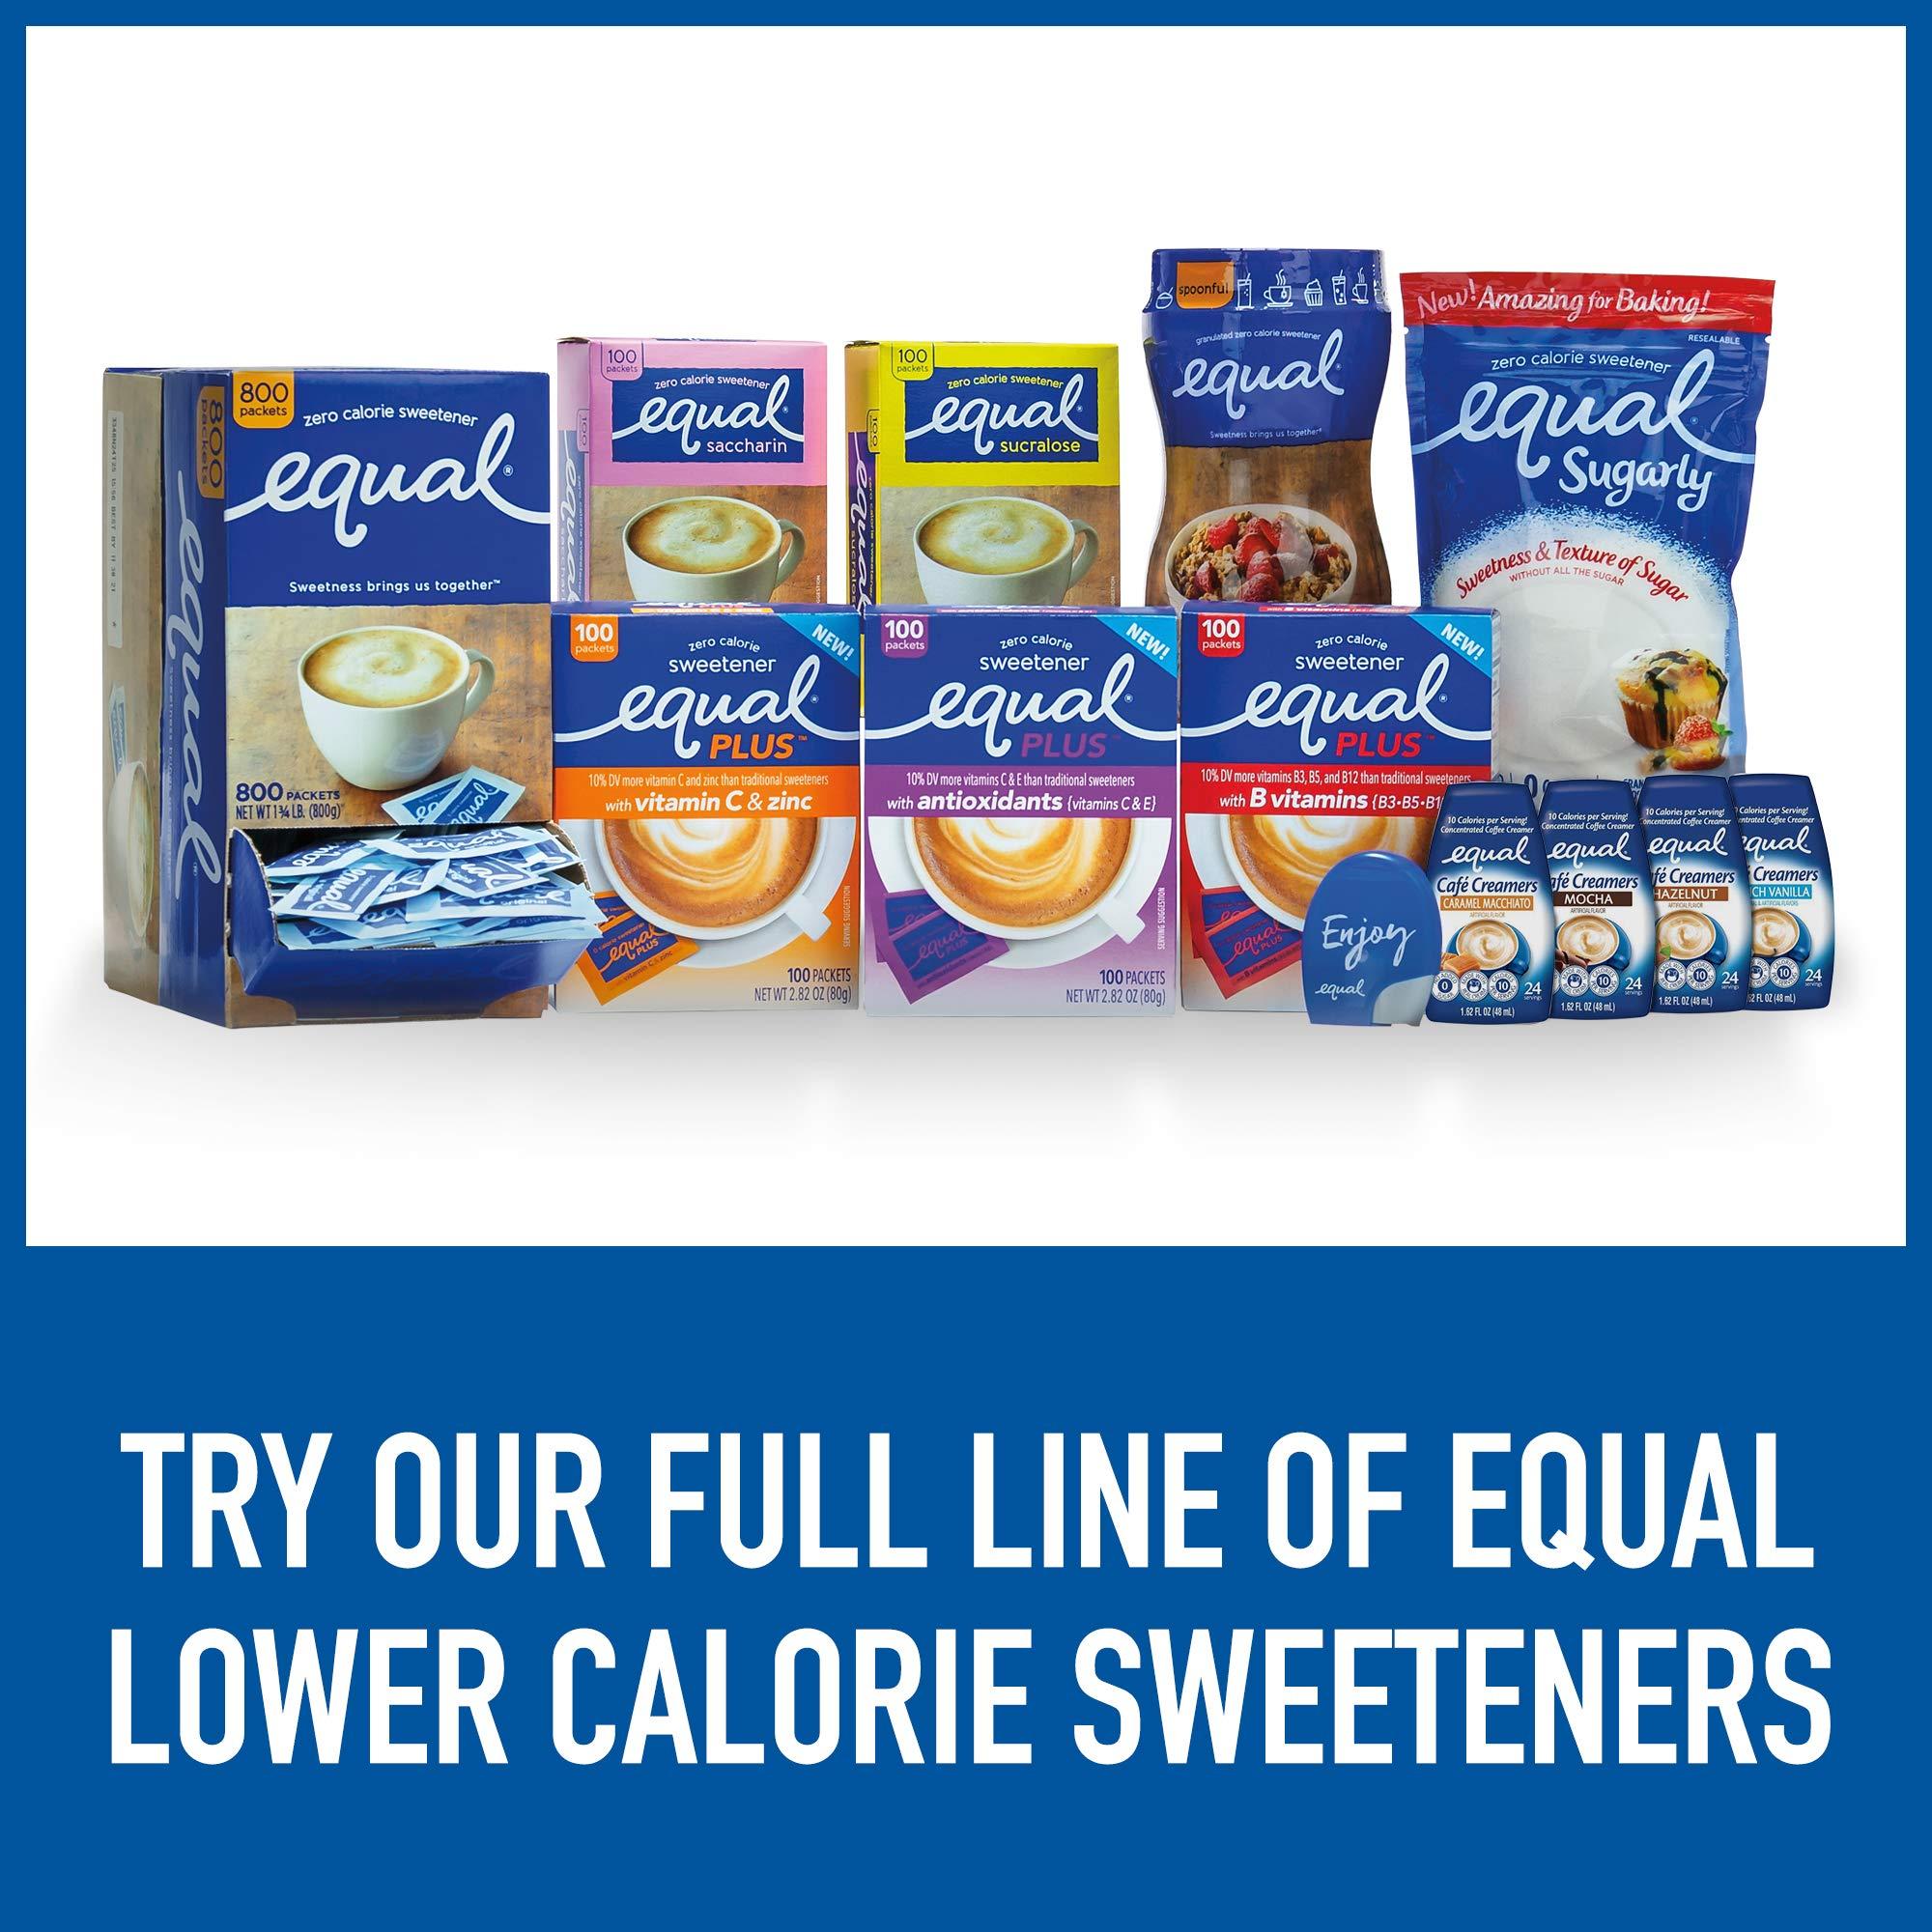 EQUAL 0 Calorie Sweetener, Sugar Substitute, Zero Calorie Sugar Alternative Sweetener Packets, Sugar Alternative, 50 Count (Pack of 12) by Equal (Image #9)